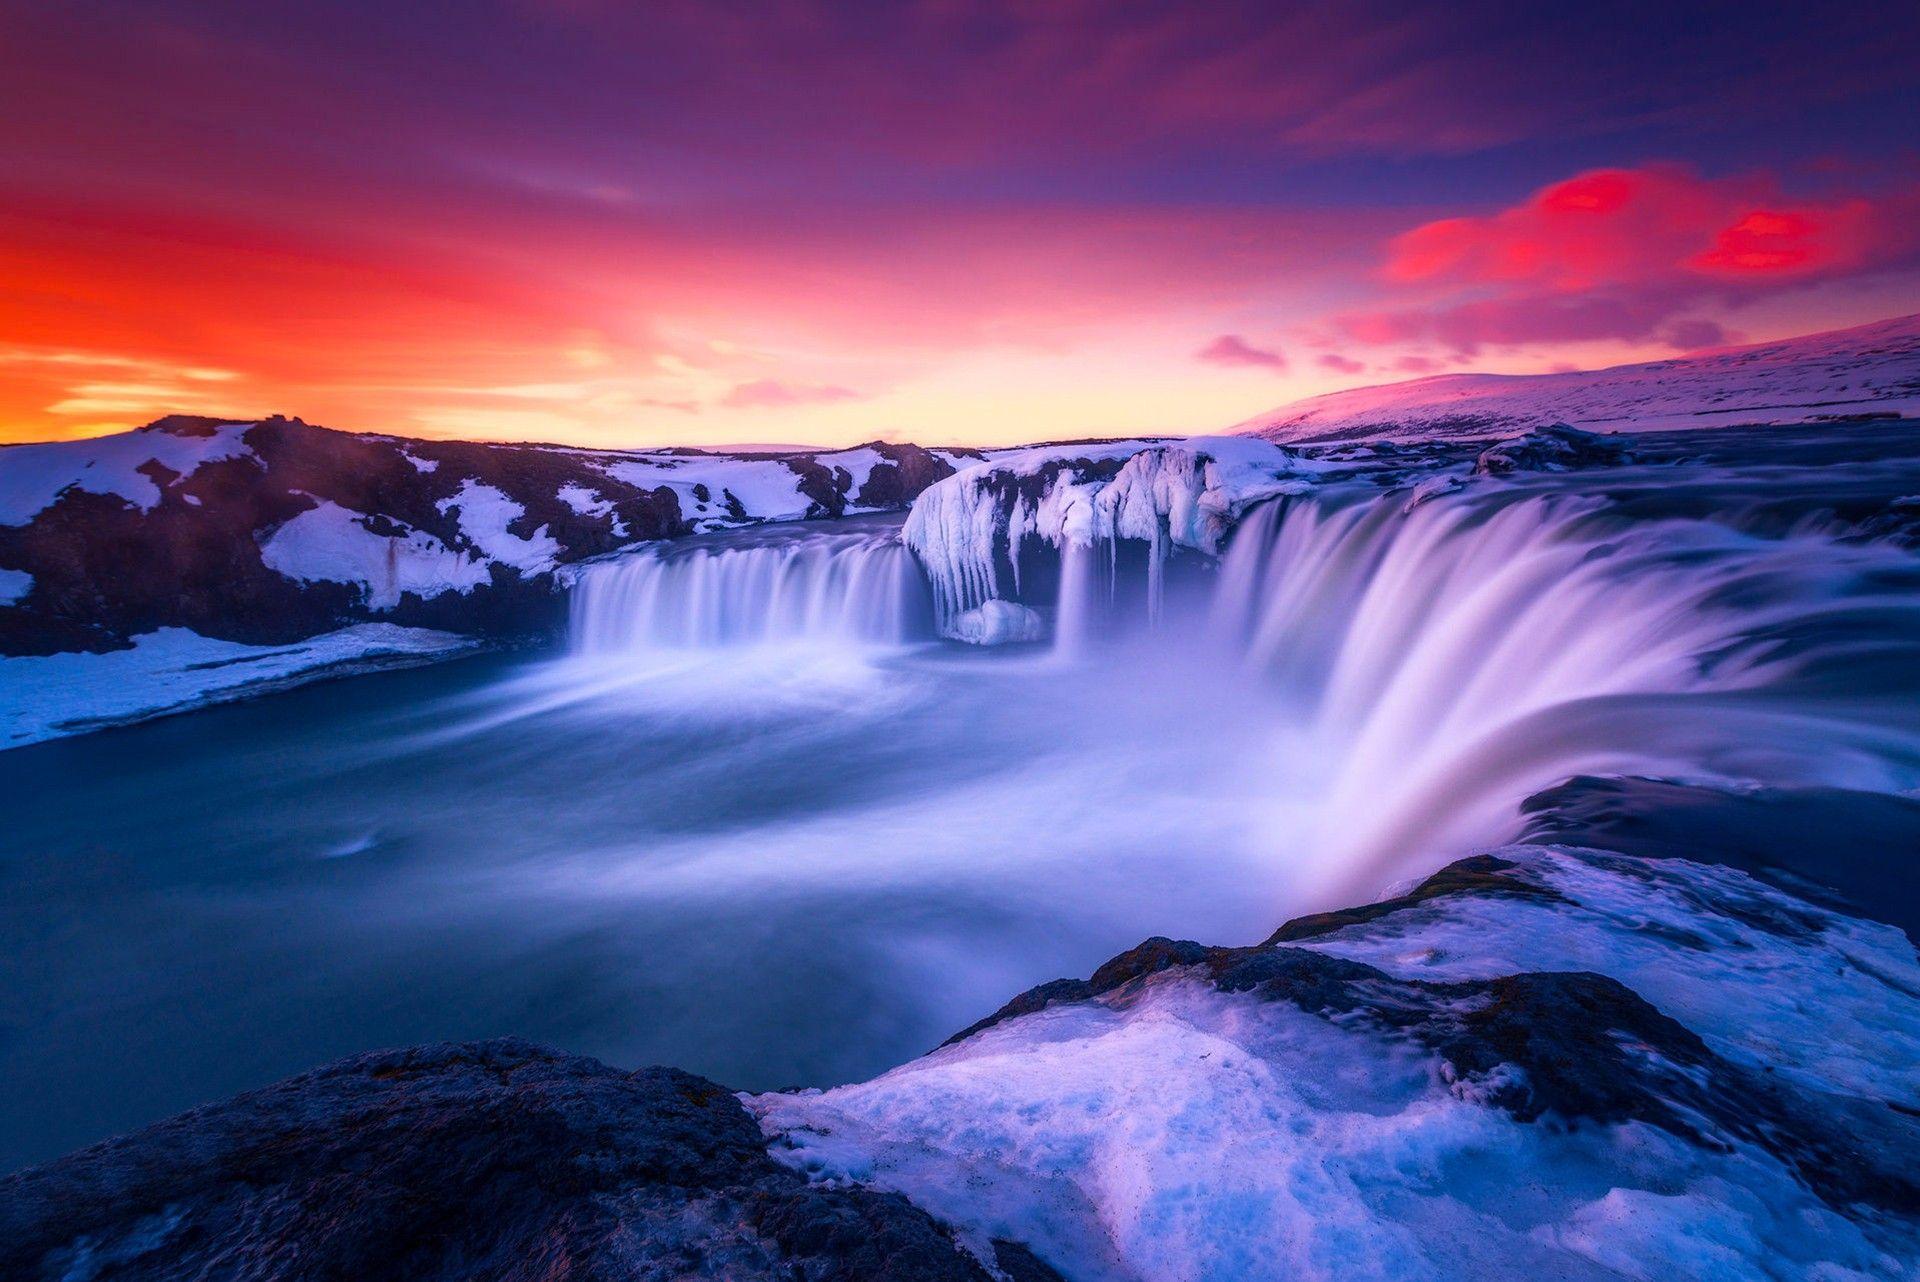 Beautiful waterfall backgrounds